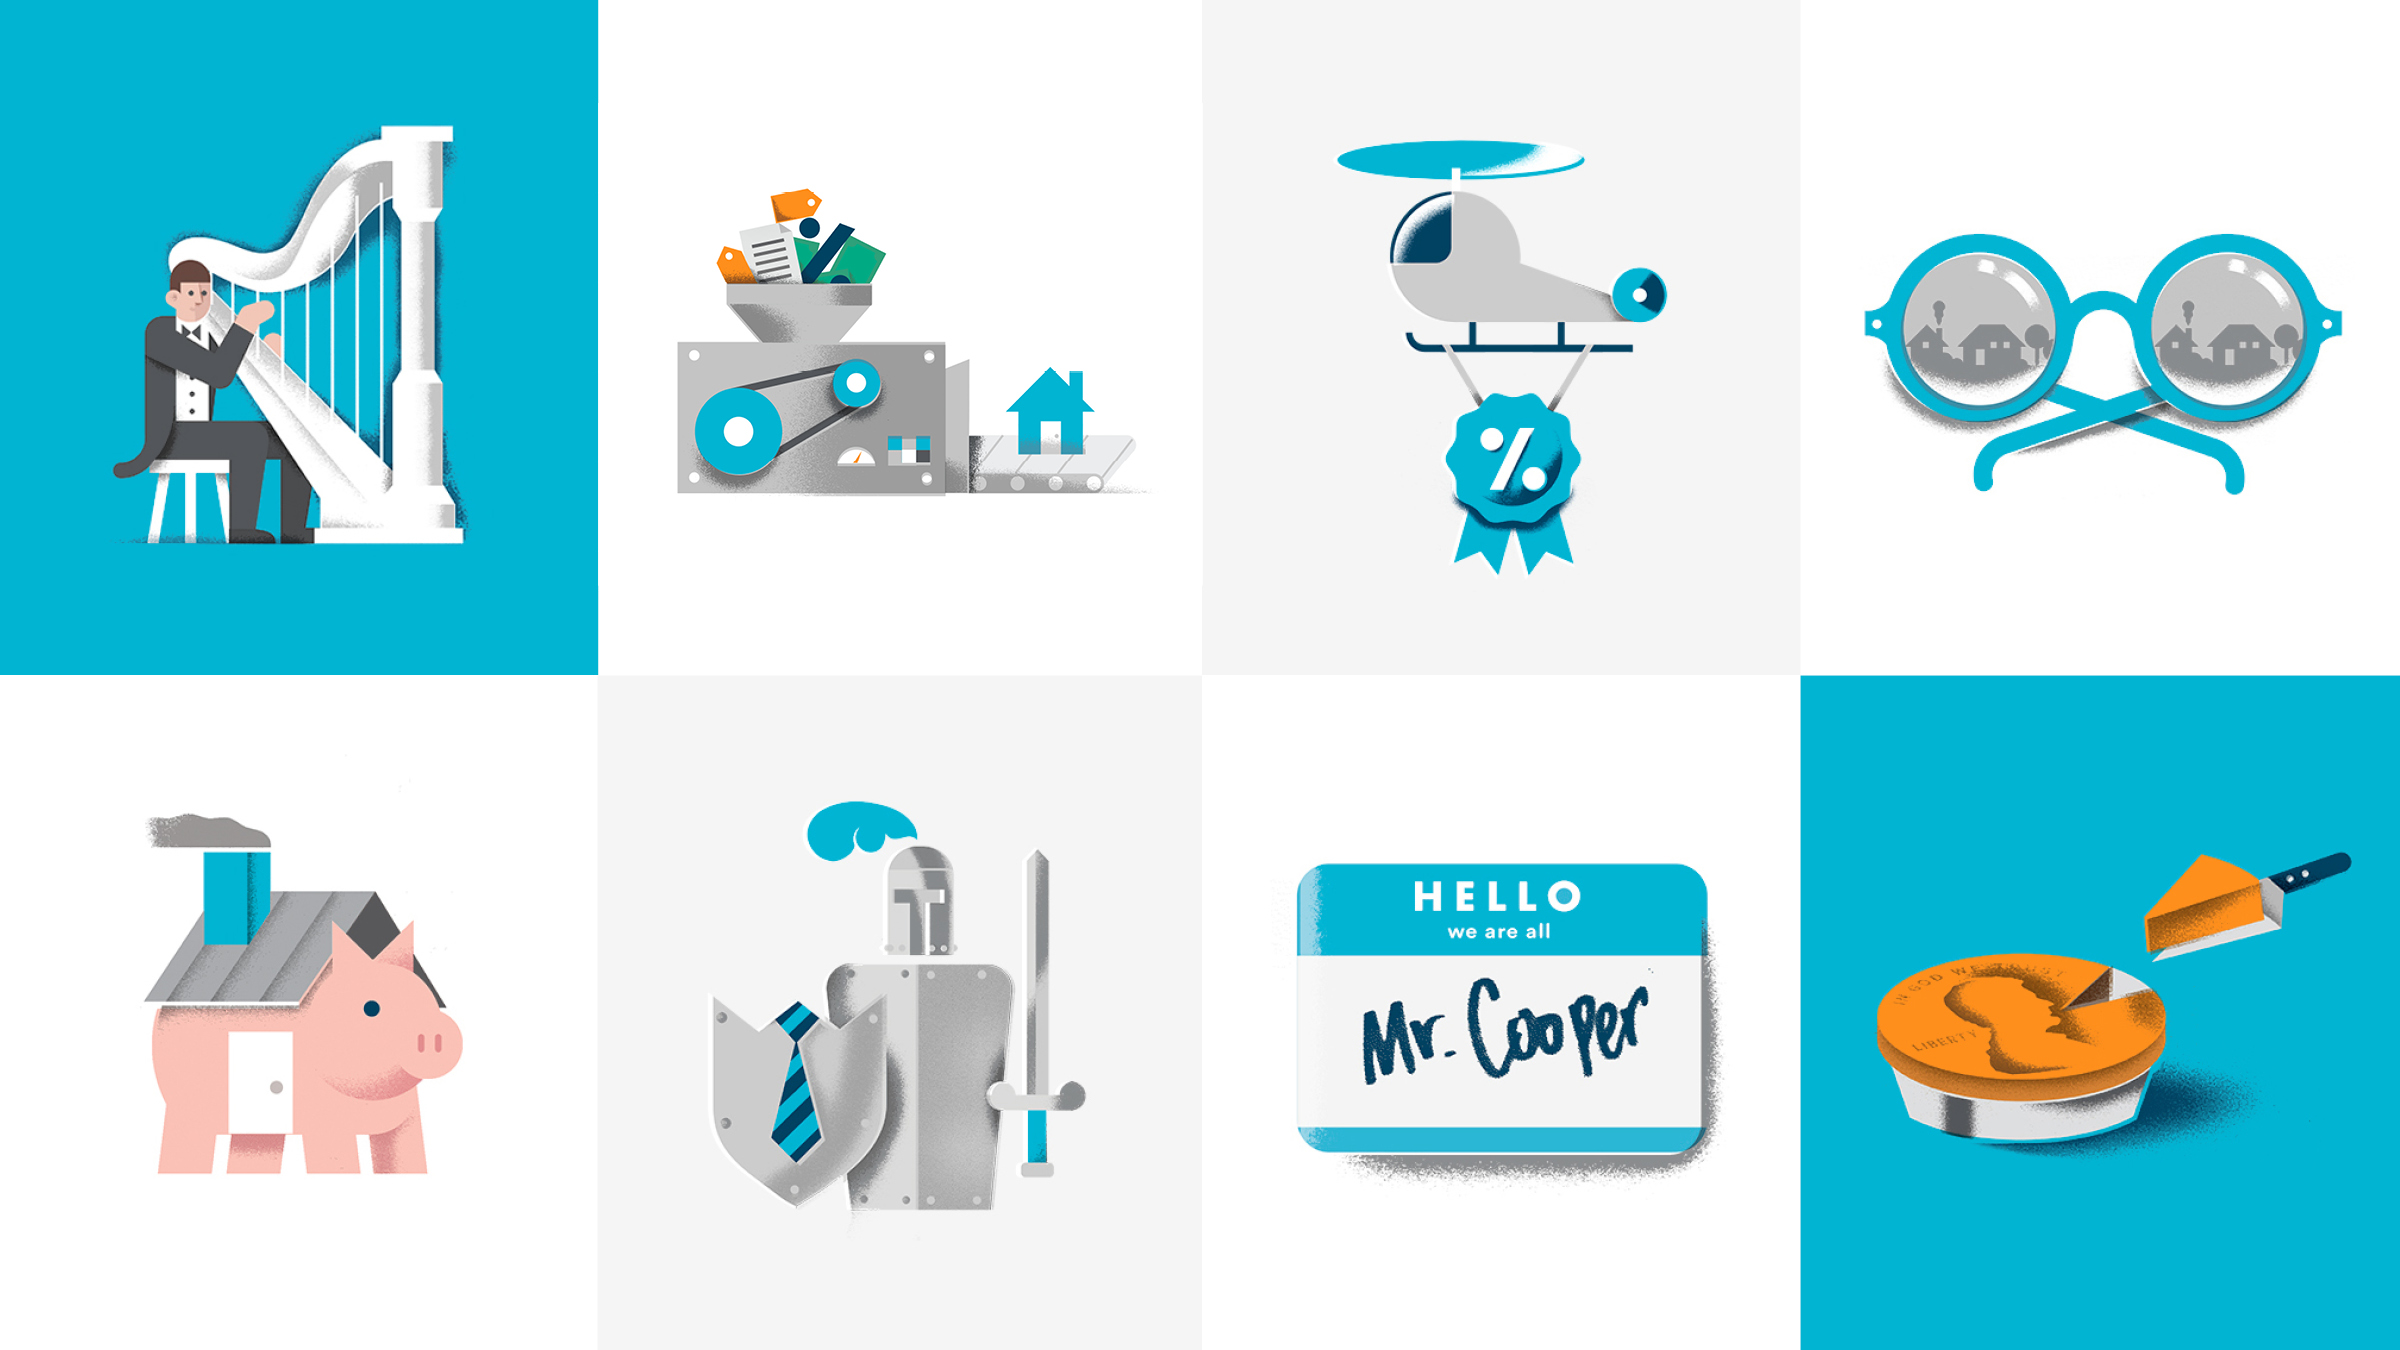 MrCooper_OneShow_7_BrandIllustrations.jpg